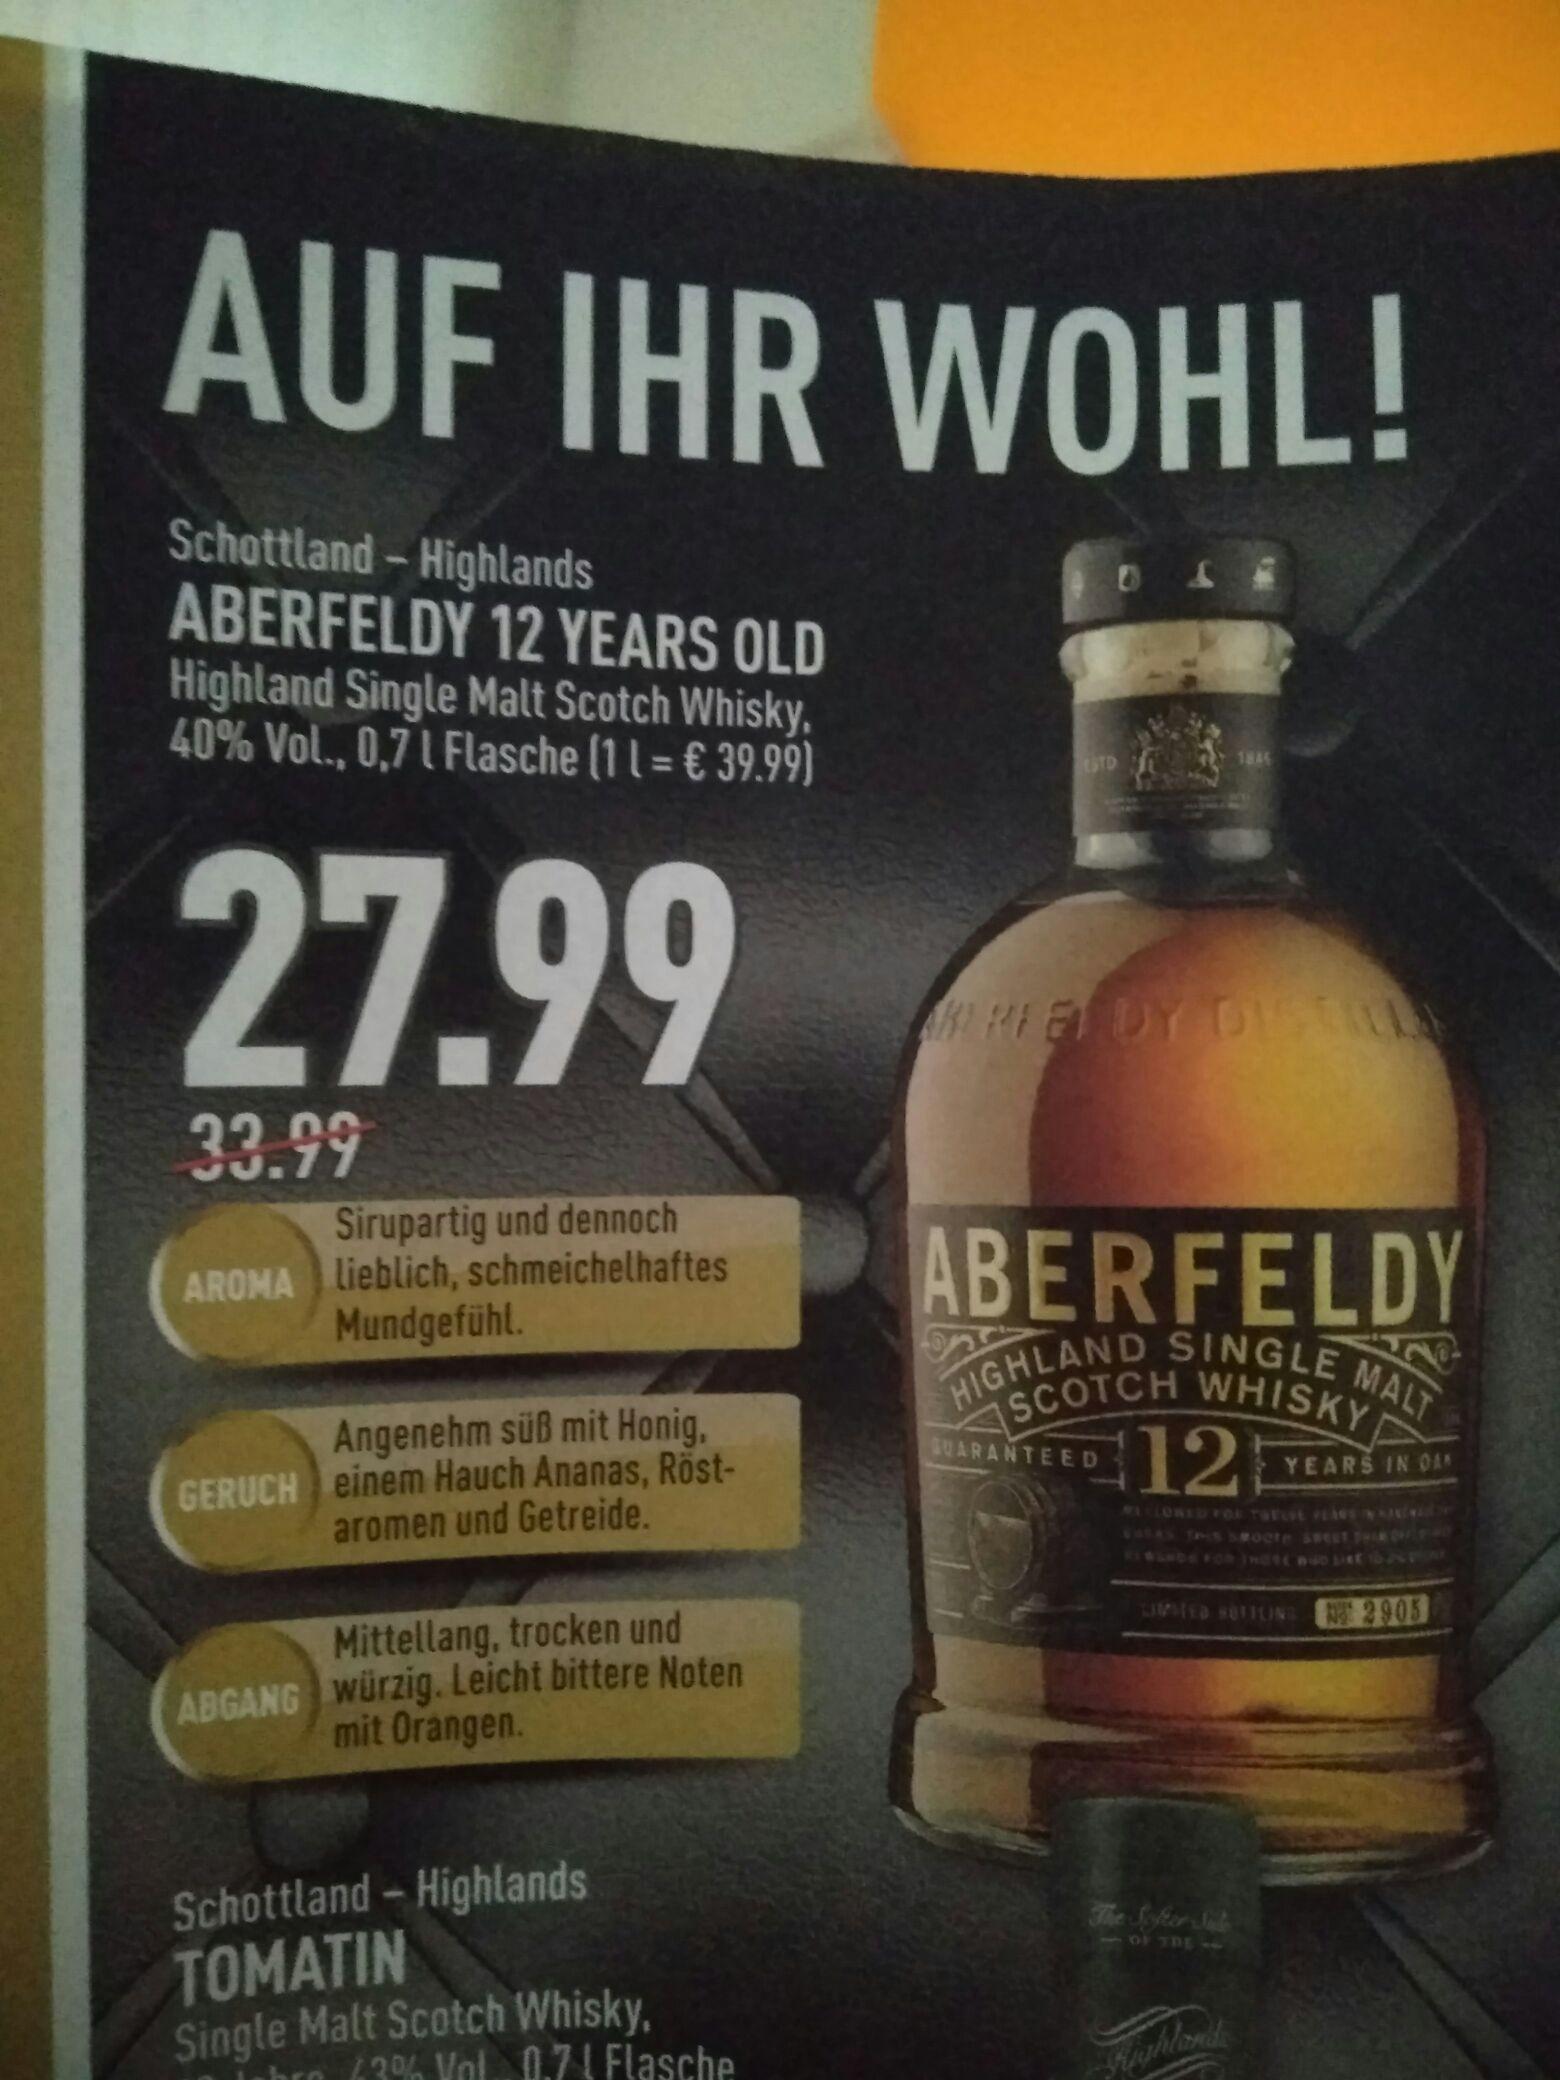 Aberfeldy 12 Scotch Whisky Lokal Marktkauf/Edeka OWL vielleicht ganz NRW